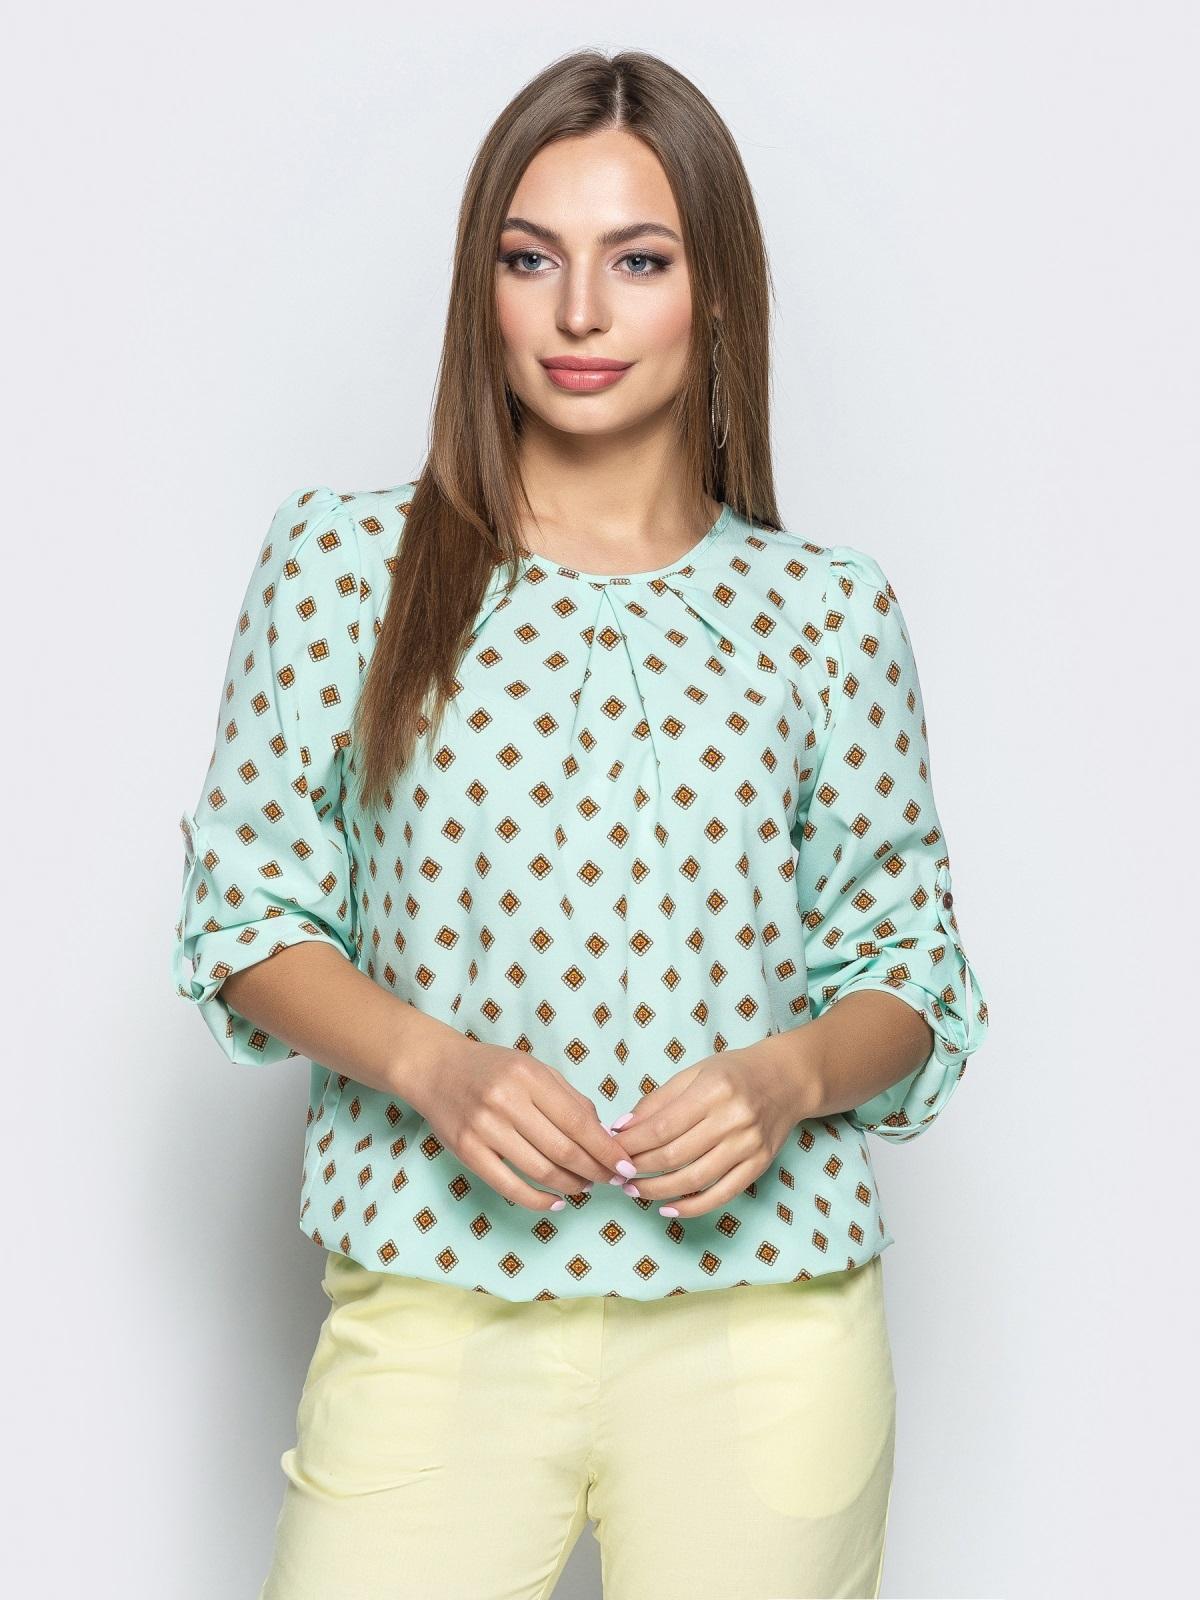 c541405afa0 Принтованная блузка из софта мятного цвета 21741 – купить в Киеве ...